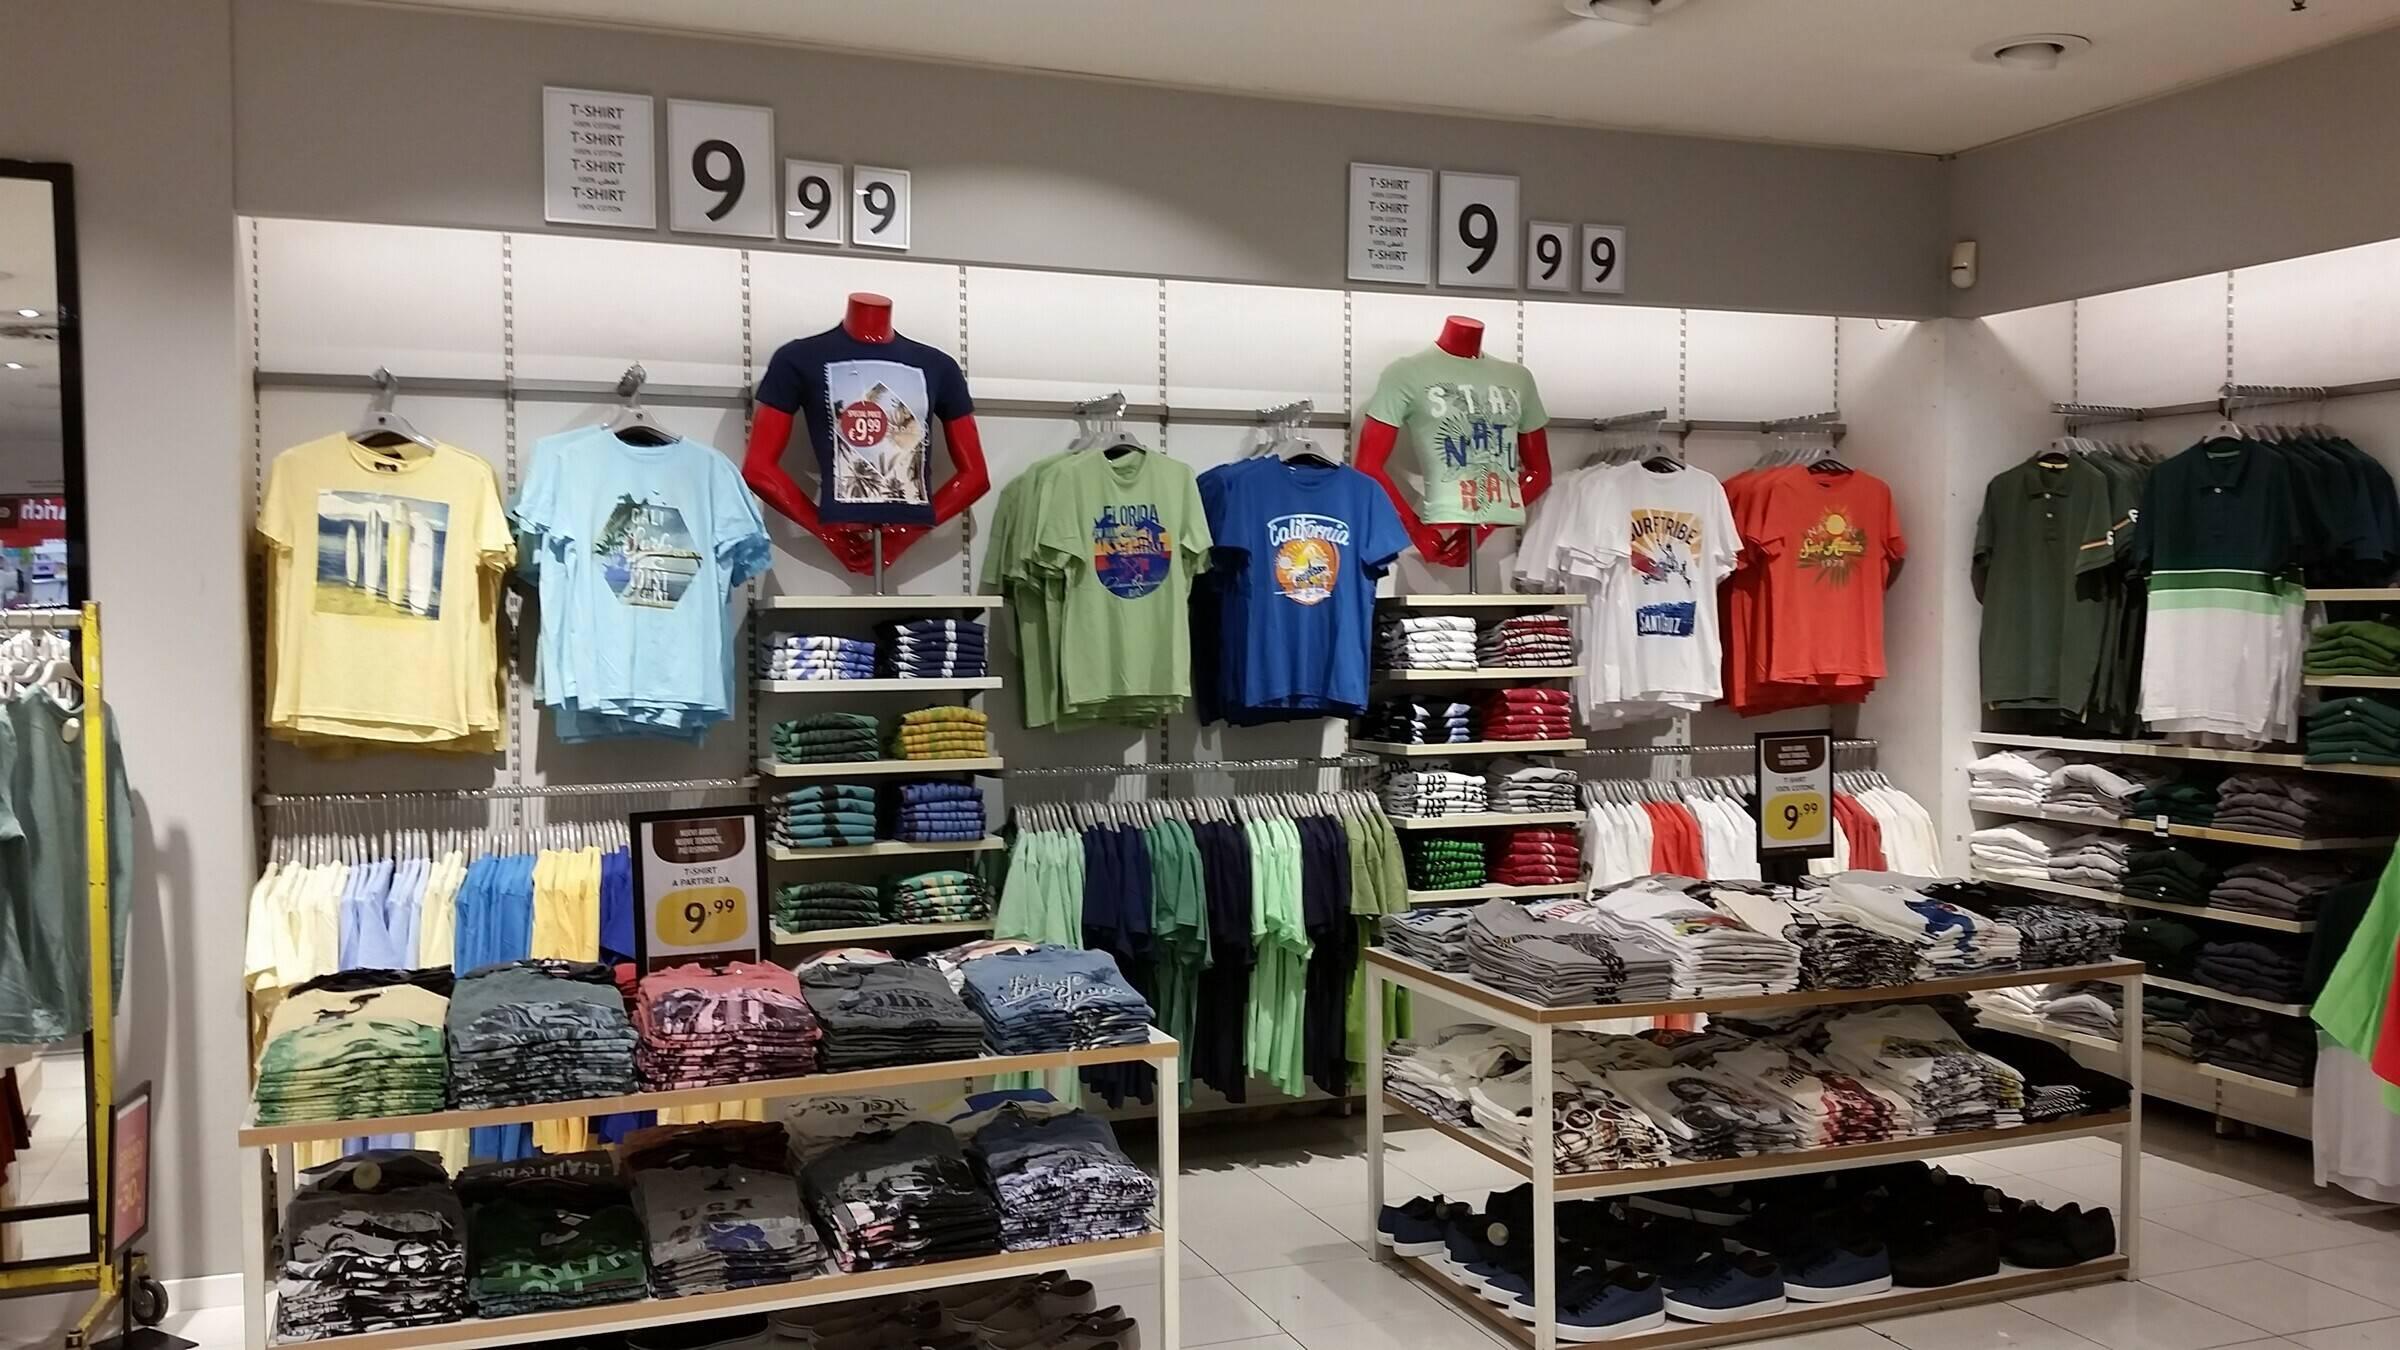 Аутлеты италии: где можно купить модную одежду по сниженным ценам | gq | gq russia